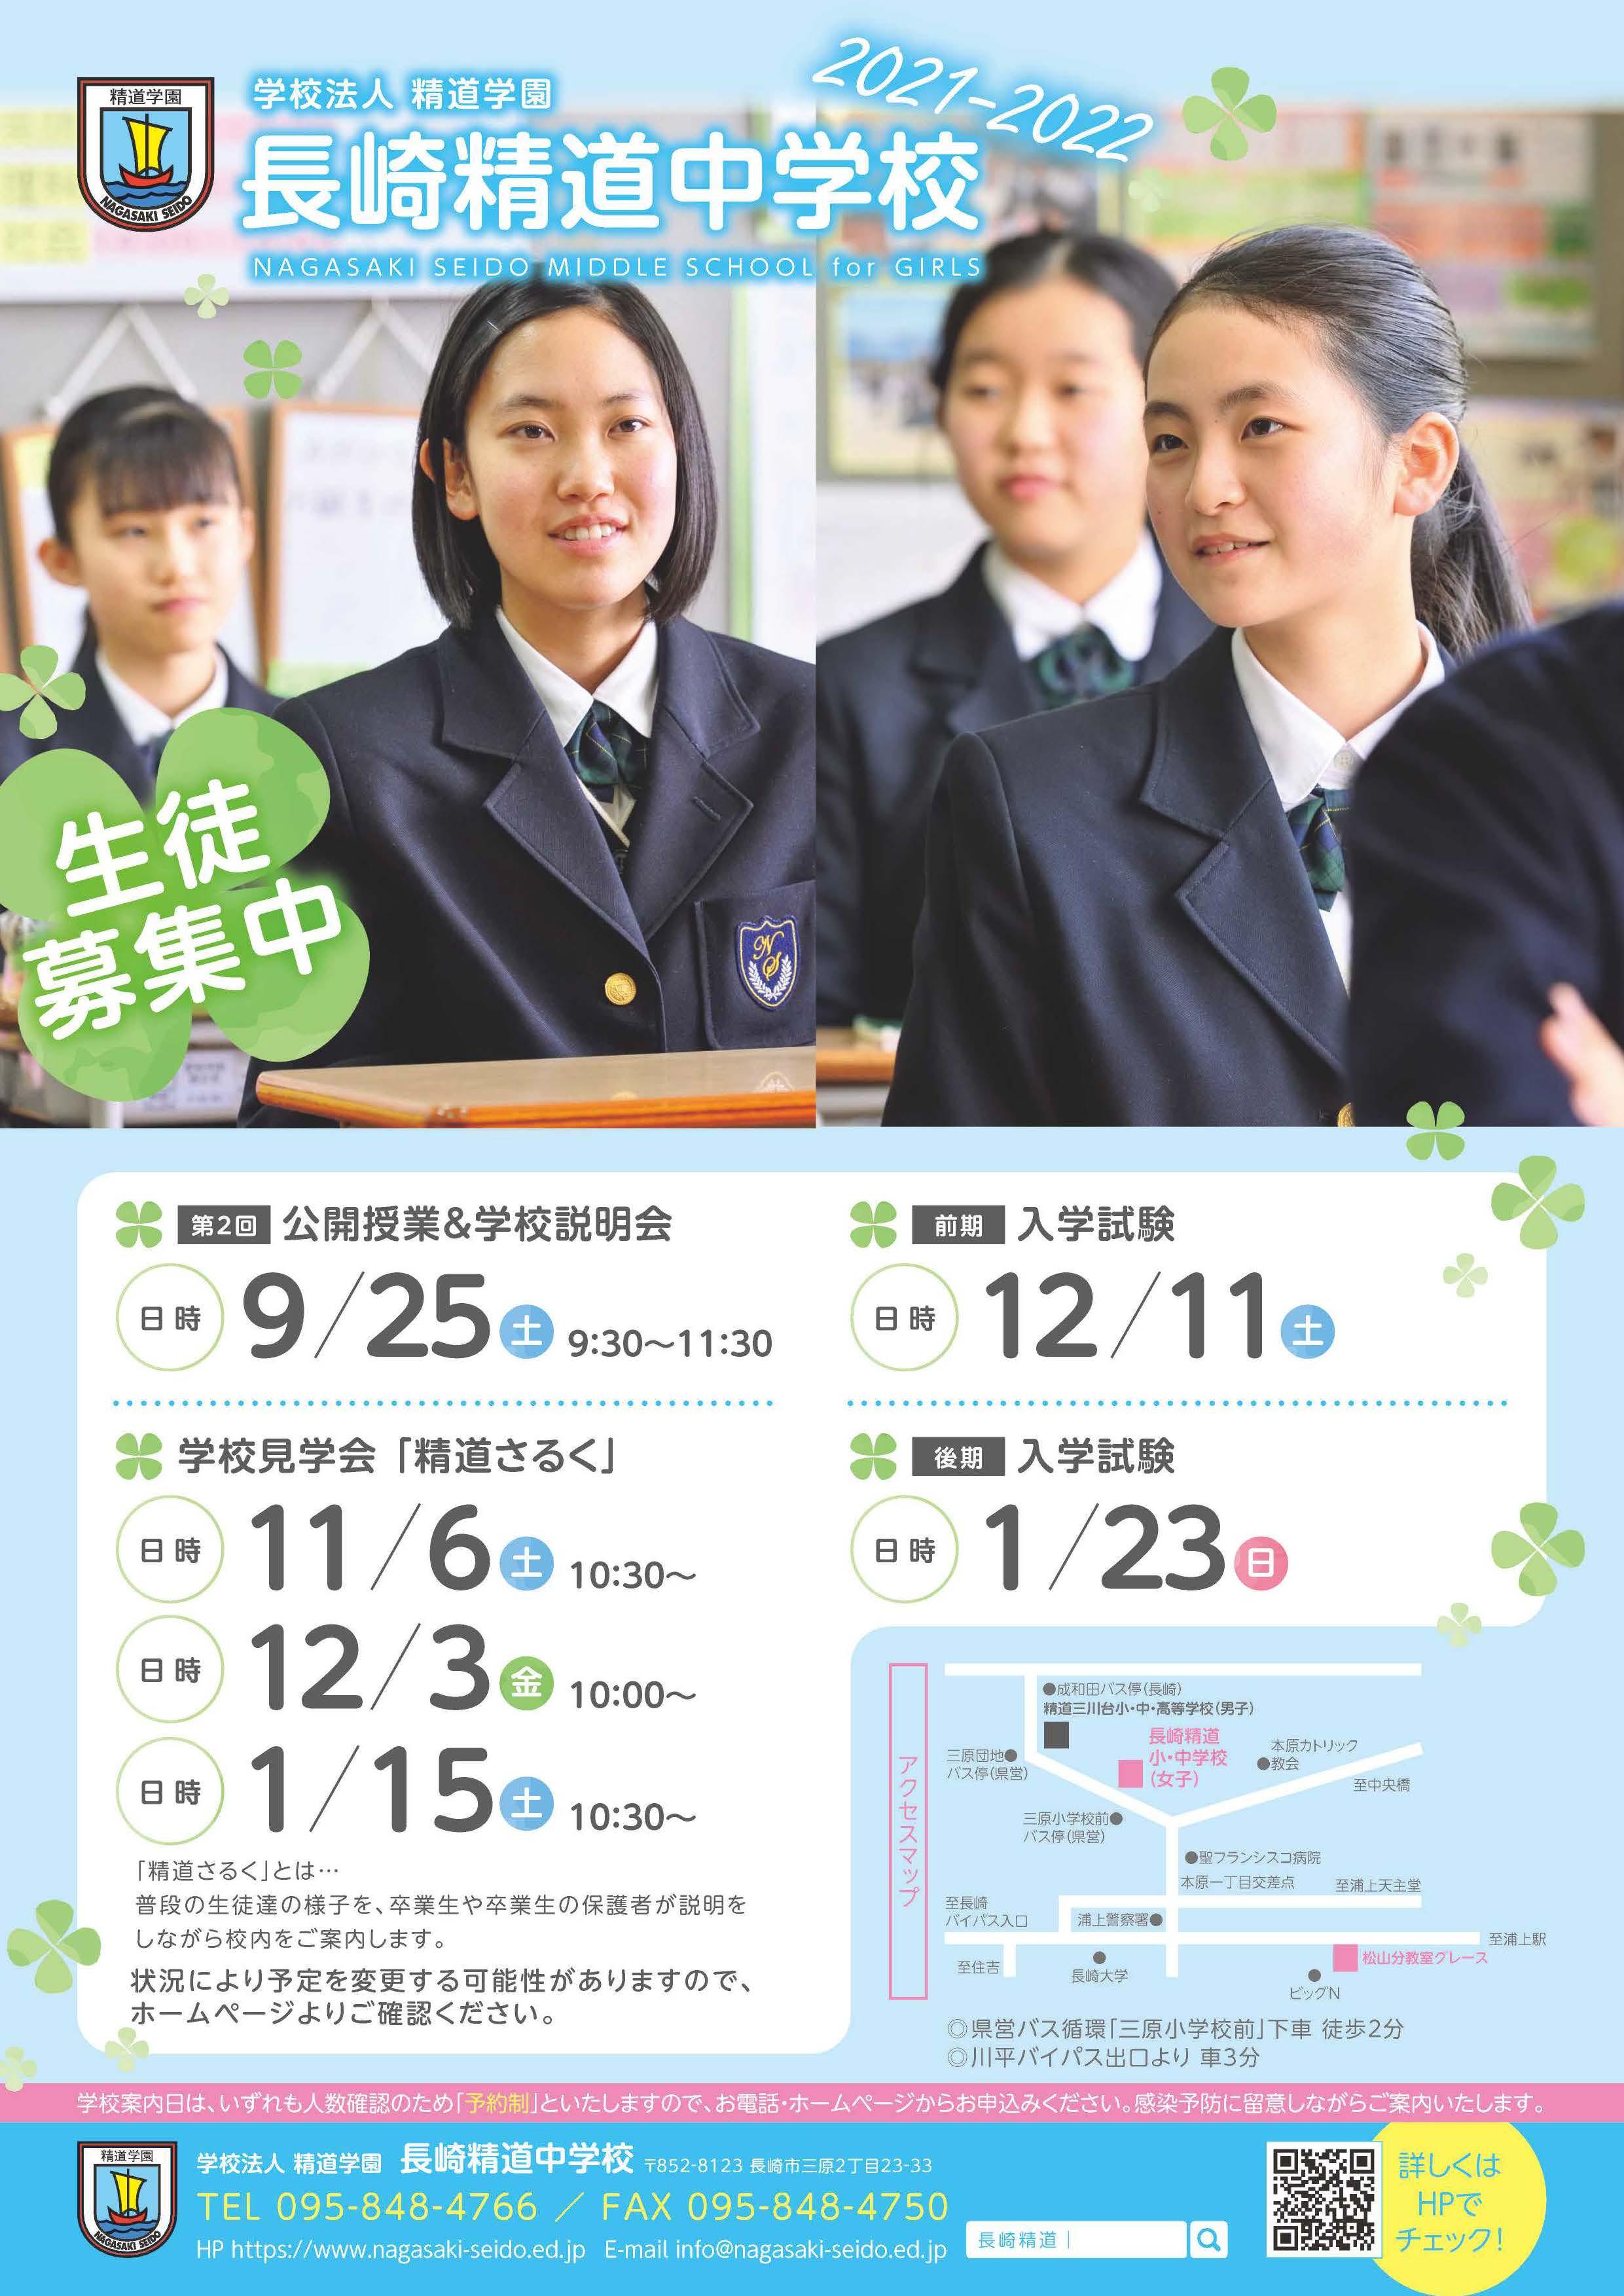 2021年度 中学校案内(後期) P1